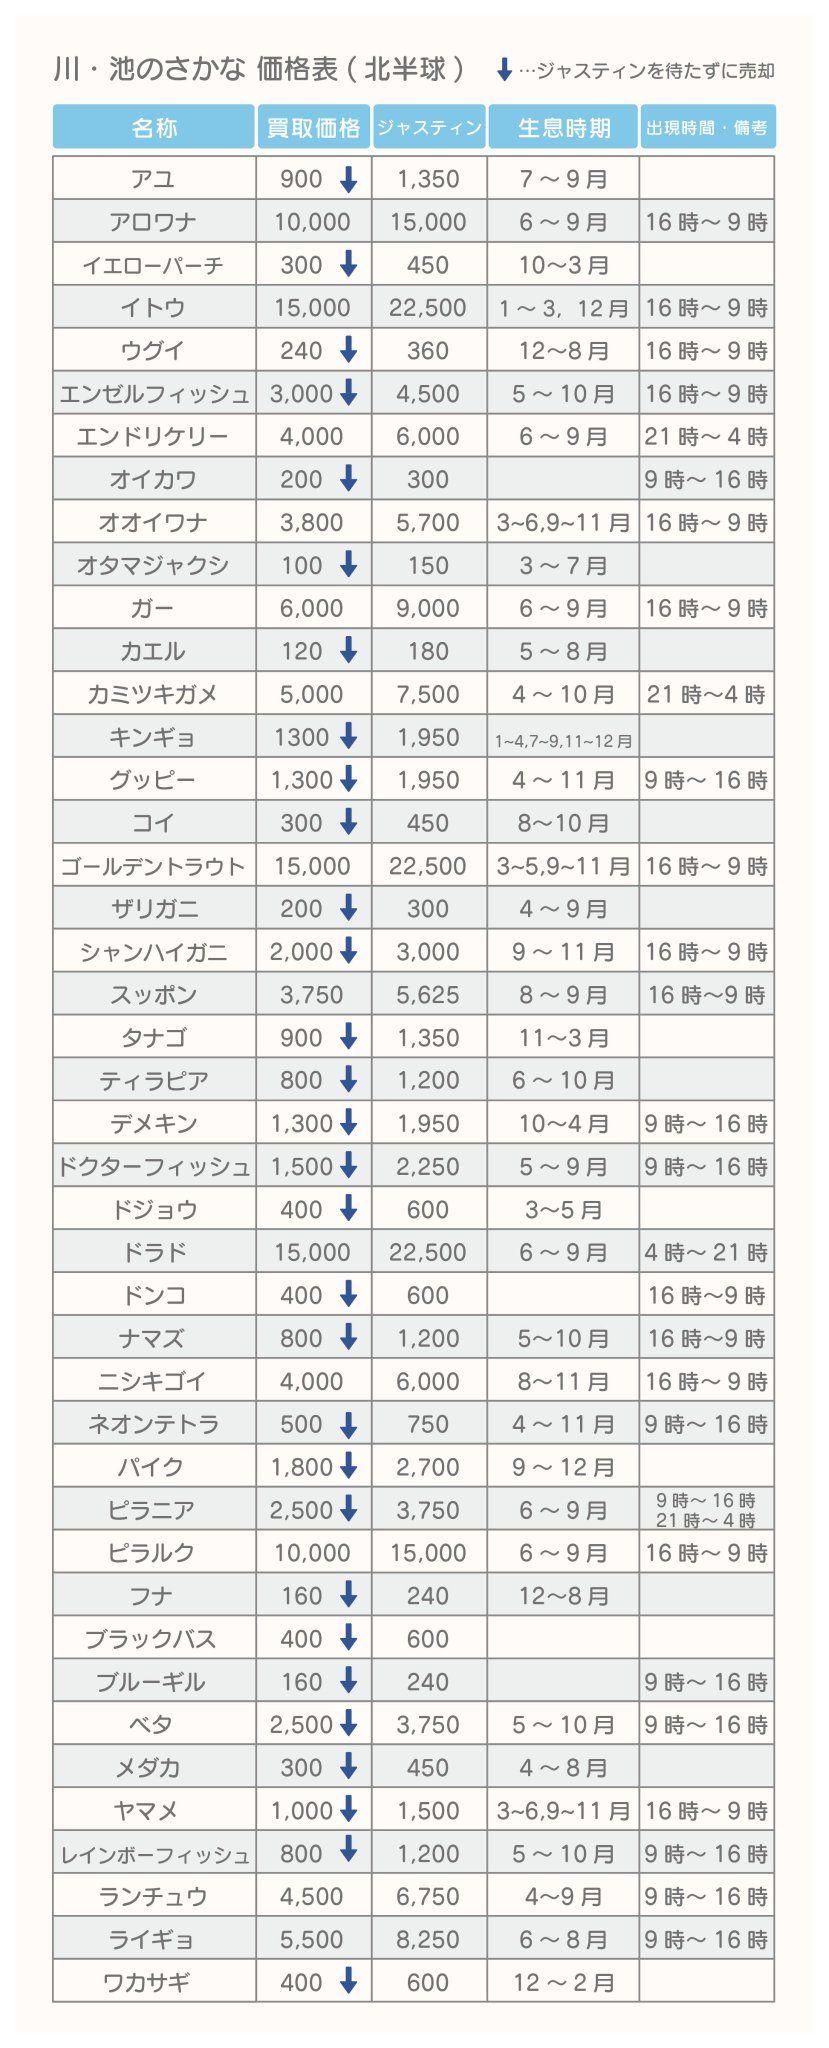 あつ森 魚 価格表